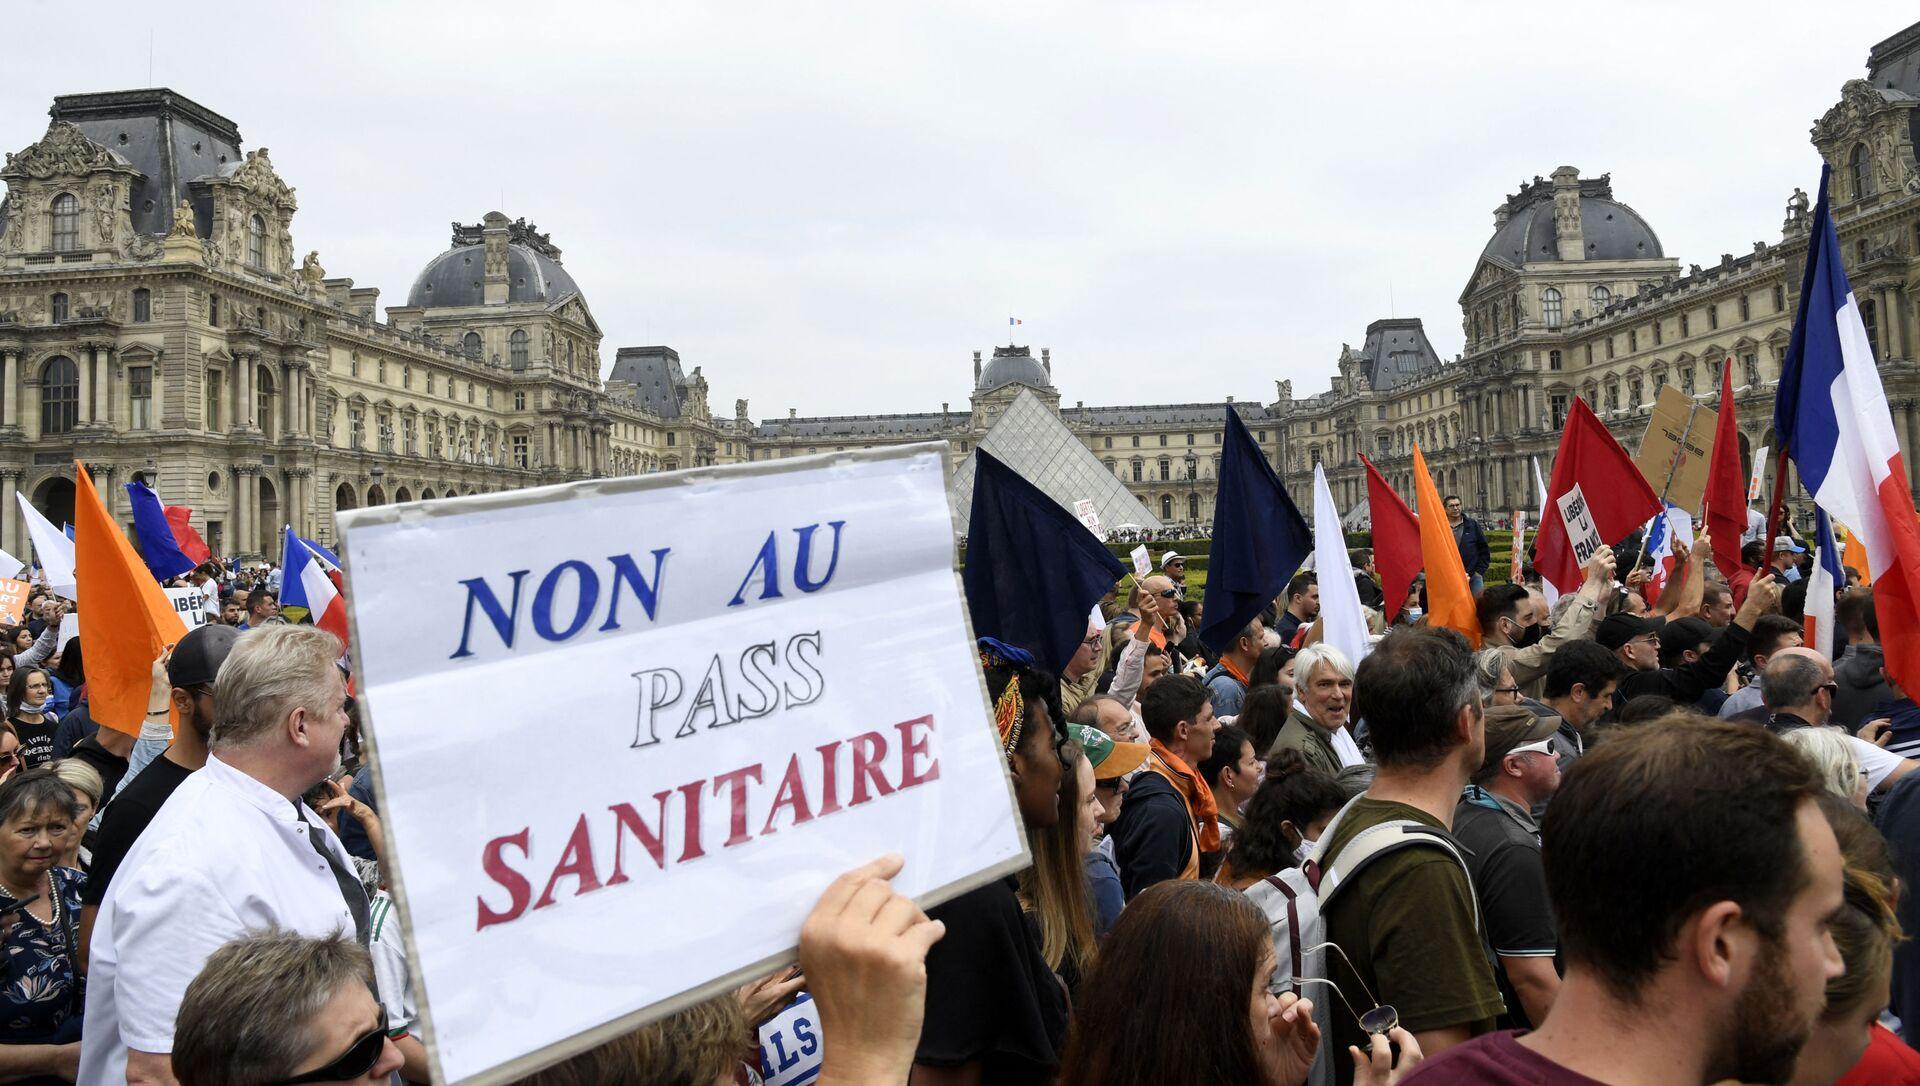 Une manifestation contre l'extension du pass sanitaire à Paris - Sputnik France, 1920, 15.08.2021